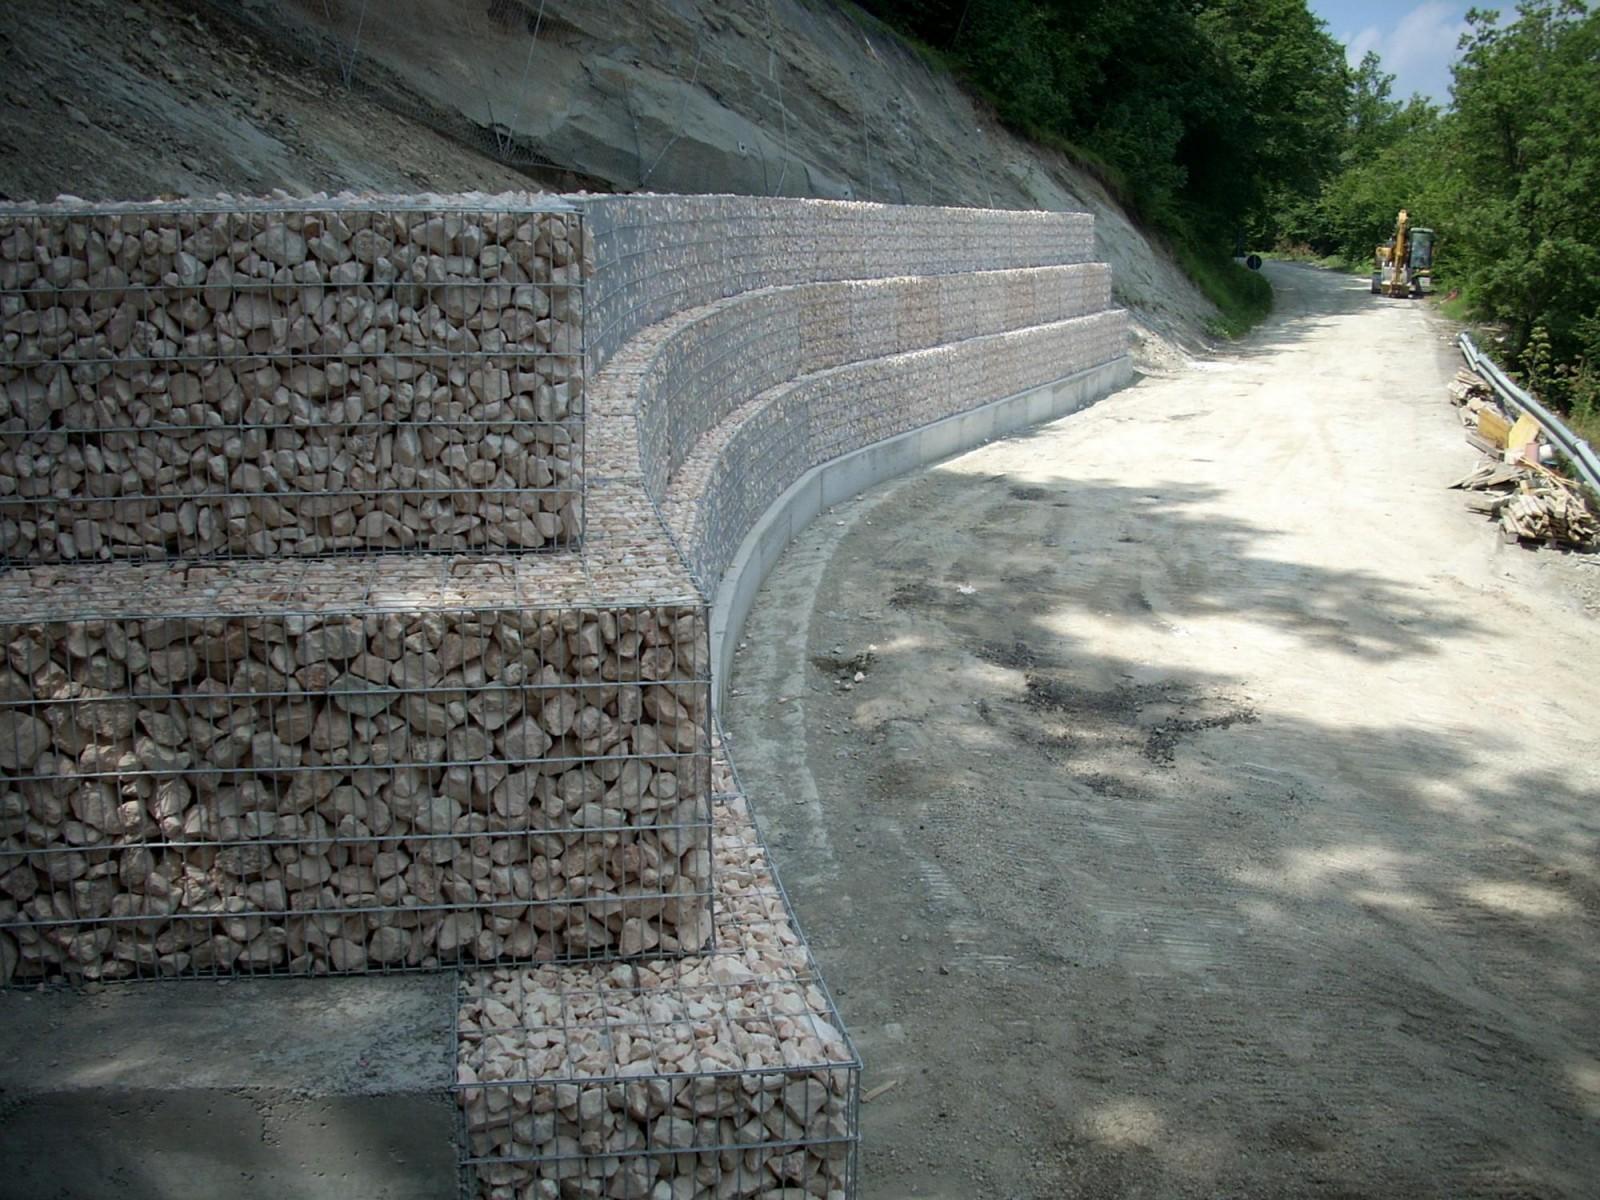 Muri Di Sostegno In Gabbioni.Gabbioni Prefabbricati A Reggio Emilia Modena Parma